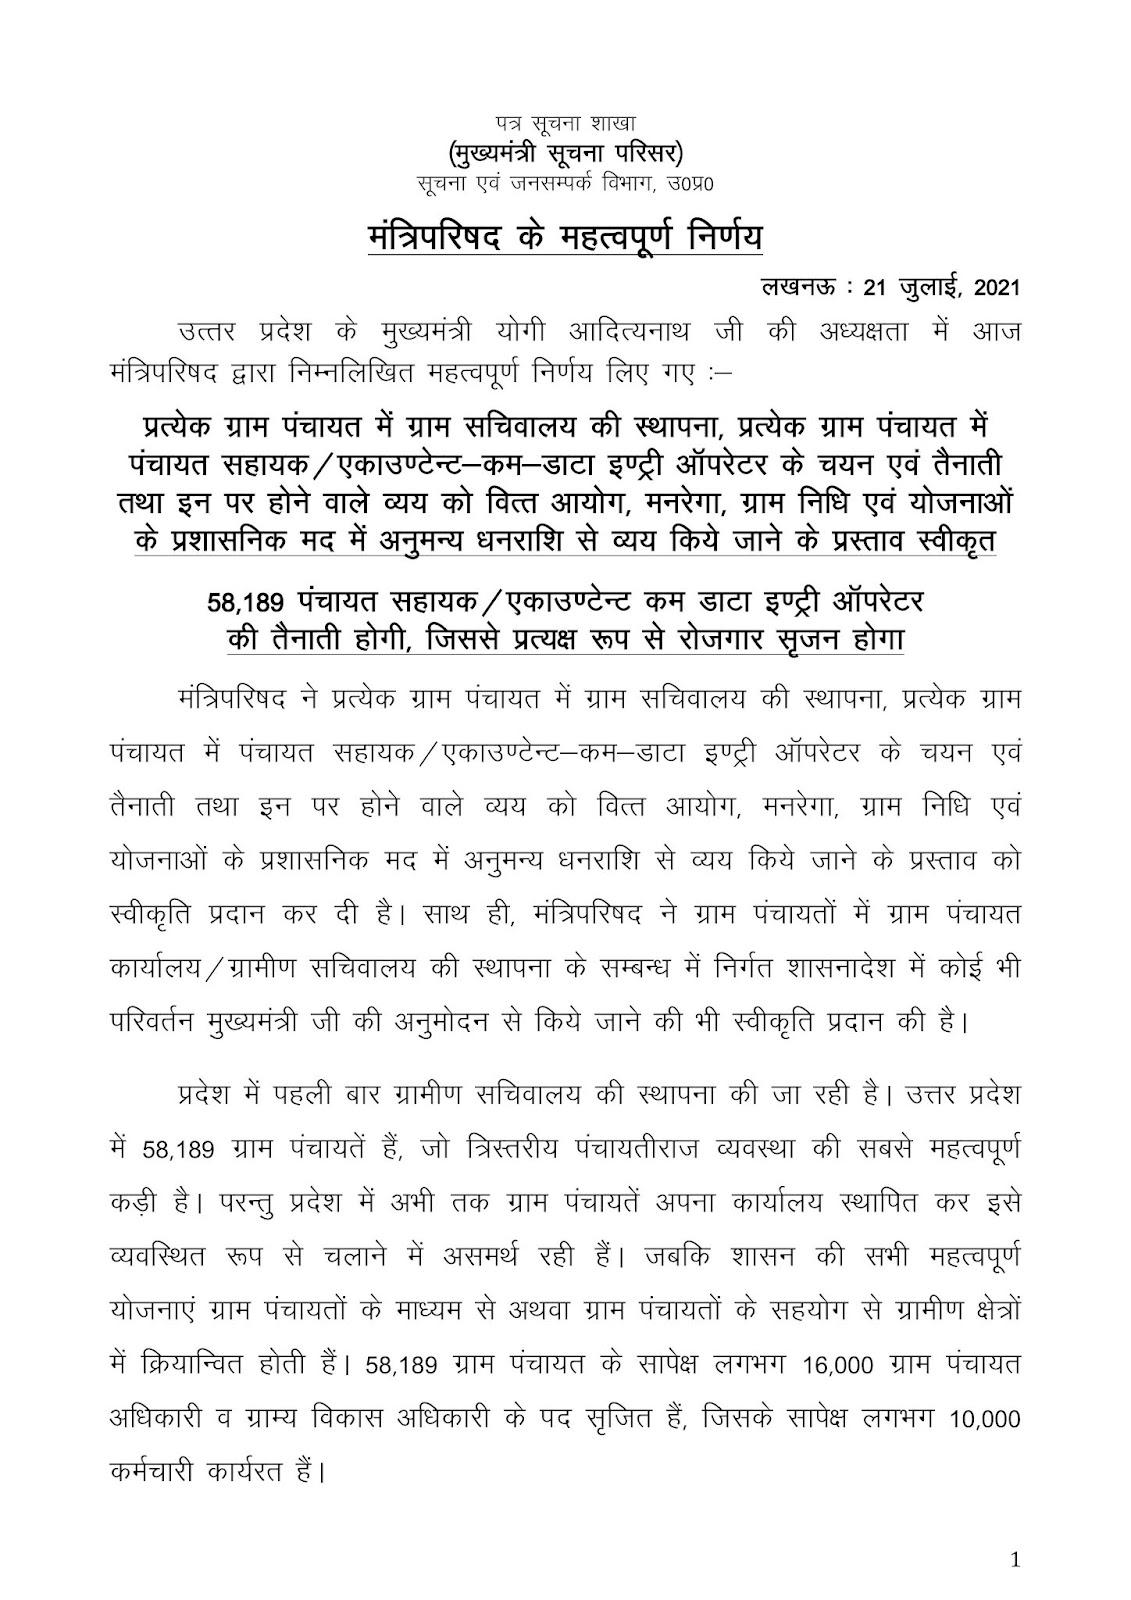 सीएम योगी आदित्यनाथ की कैबिनेट की बैठक में लिए गए महत्वपूर्ण फैसले, देखें आधिकारिक प्रेस नोट